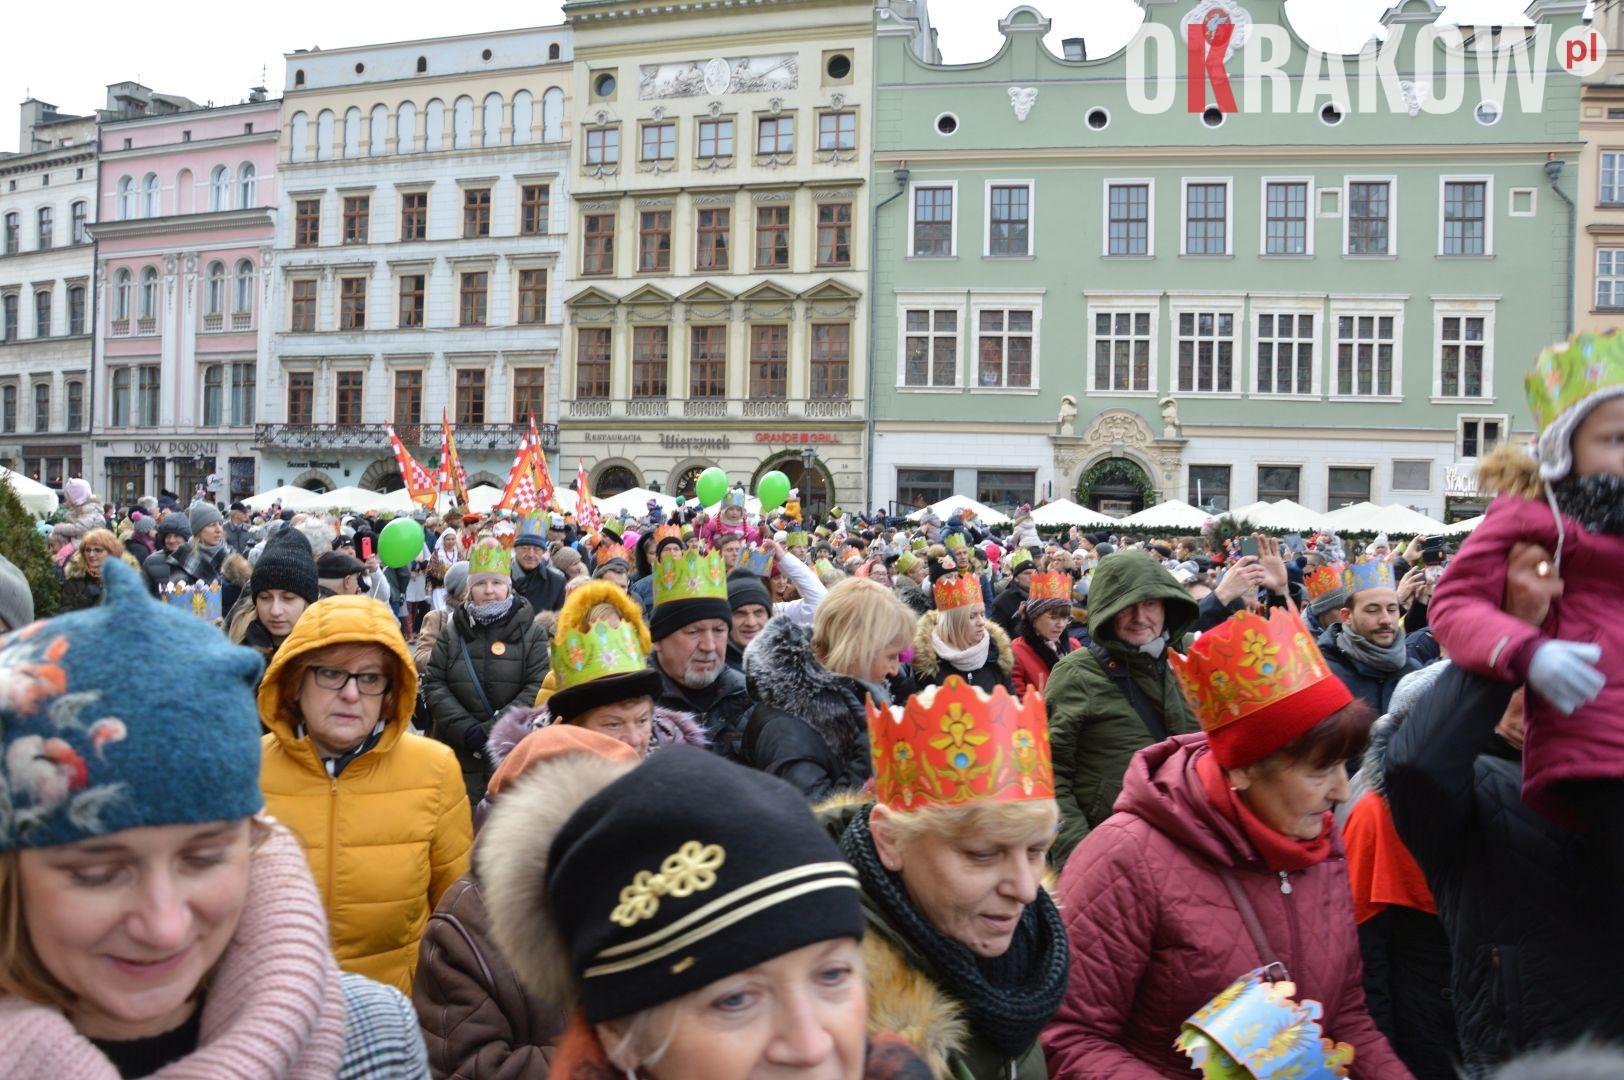 orszak 44 1 150x150 - Orszak Trzech Króli Kraków 2020 Galeria Zdjęć z Orszaku (czerwonego)